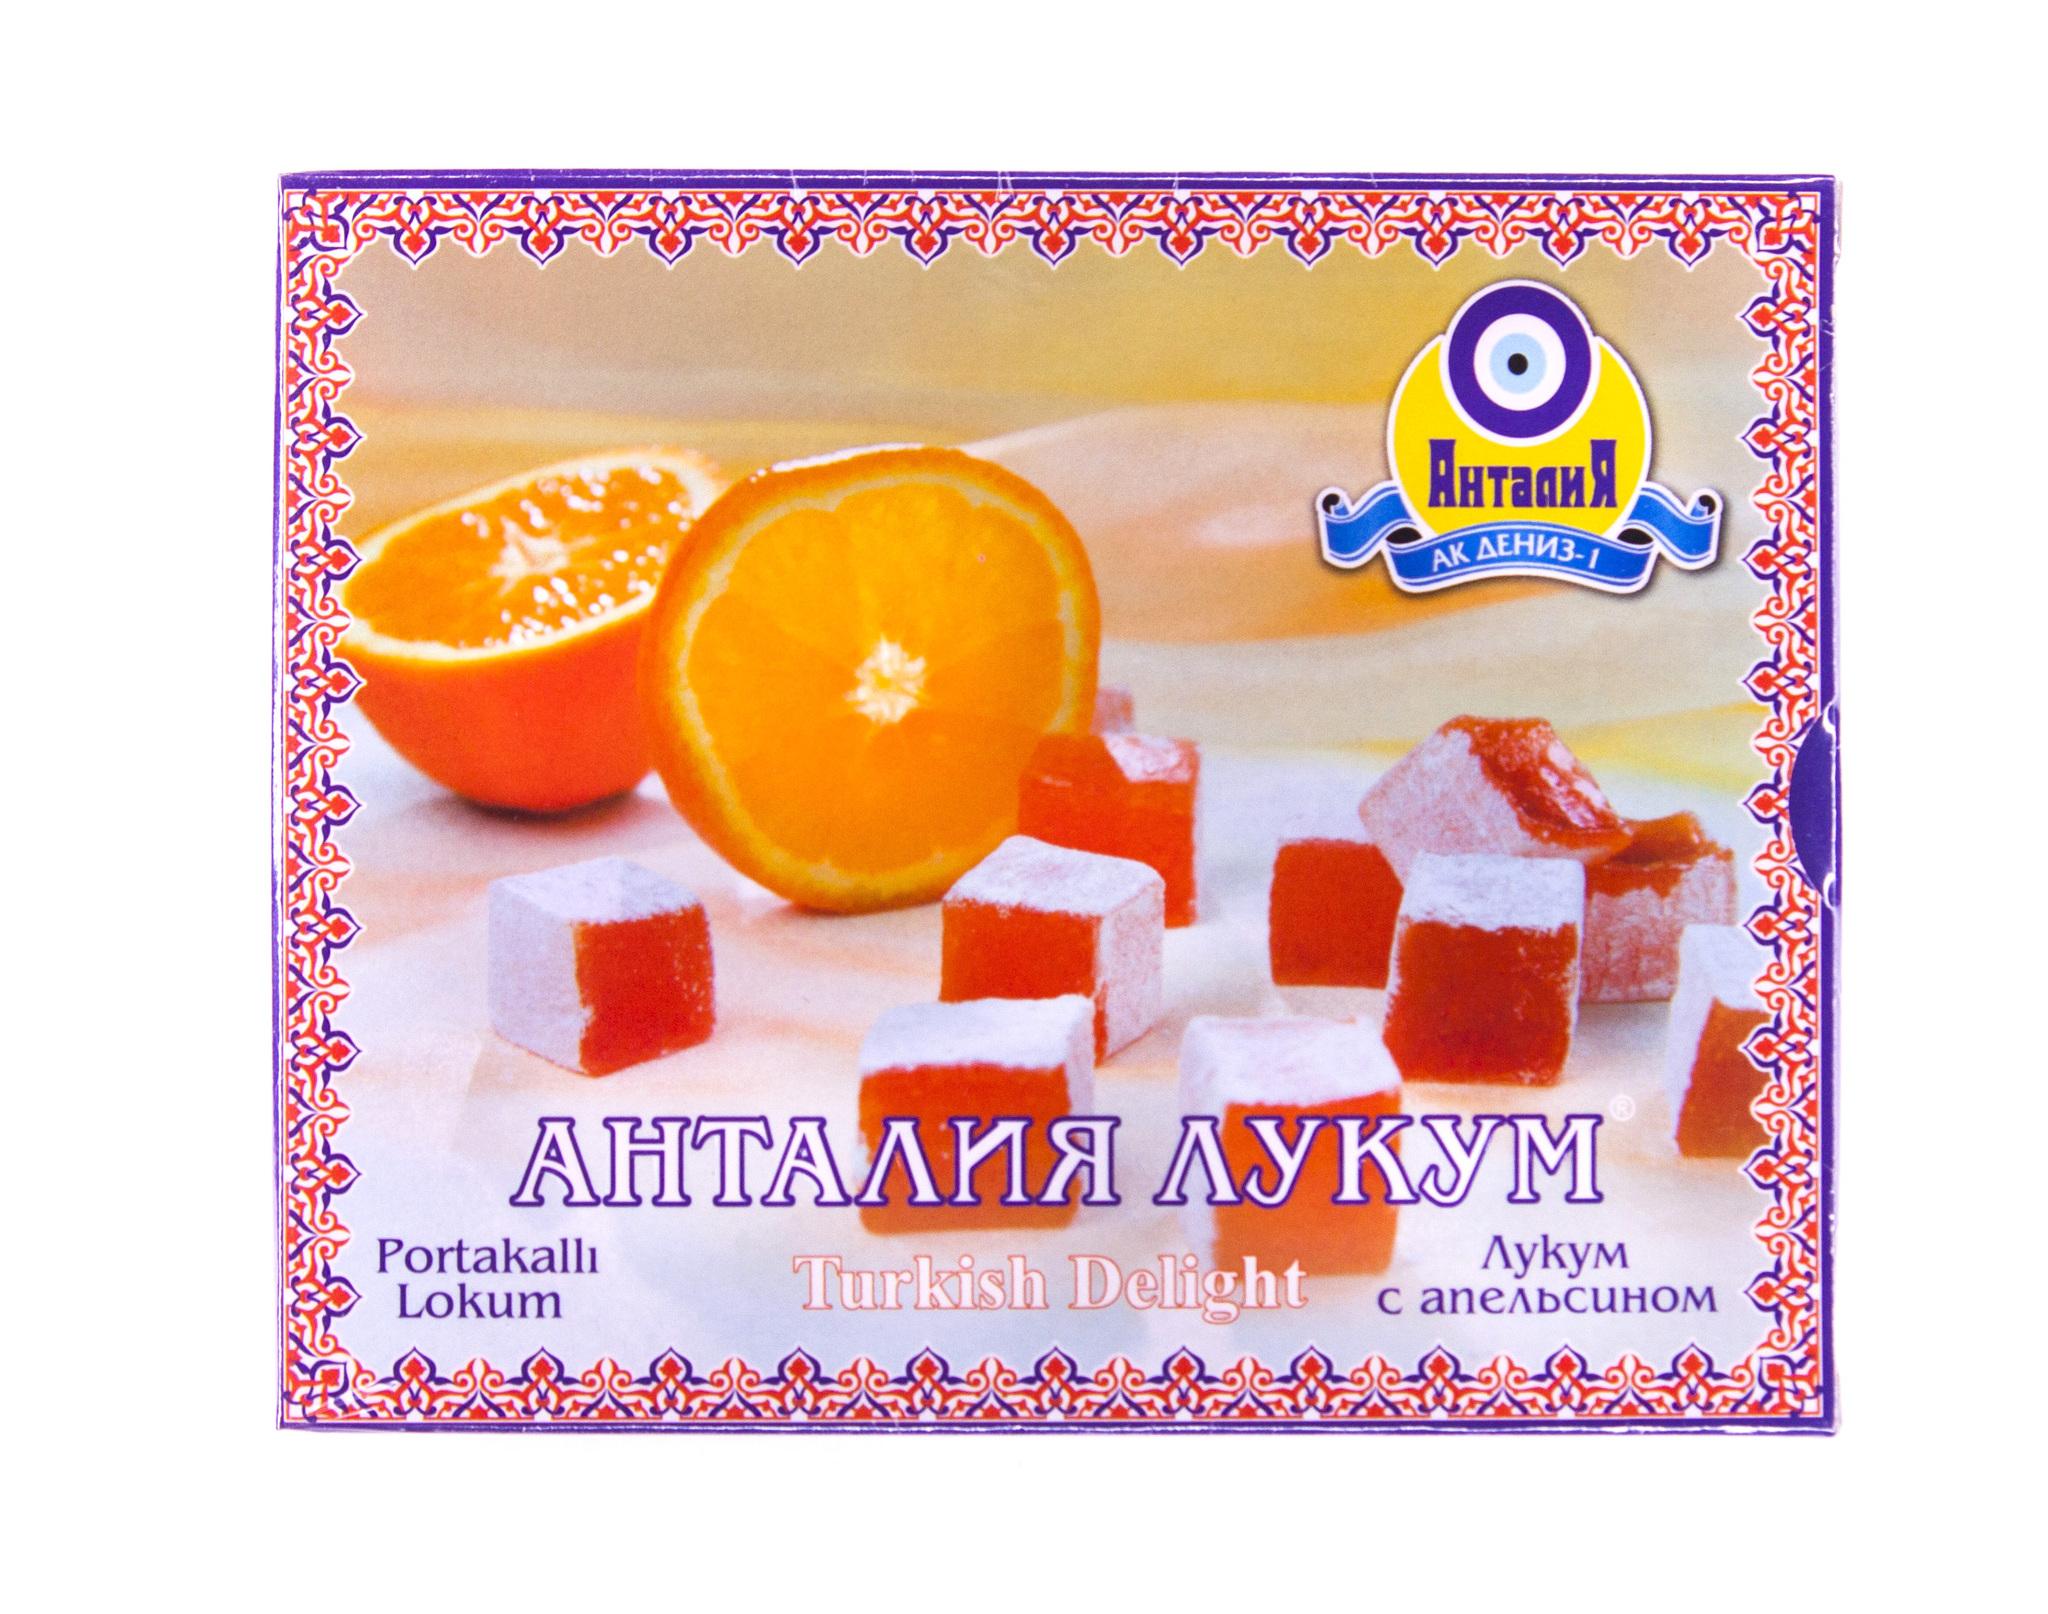 Фруктовый и цветочный Рахат лукум апельсиновый, Акдениз, 125 г import_files_0a_0a92f0ba34ae11e89e58448a5b3752ae_a6cc0a74486511e8a996484d7ecee297.jpg